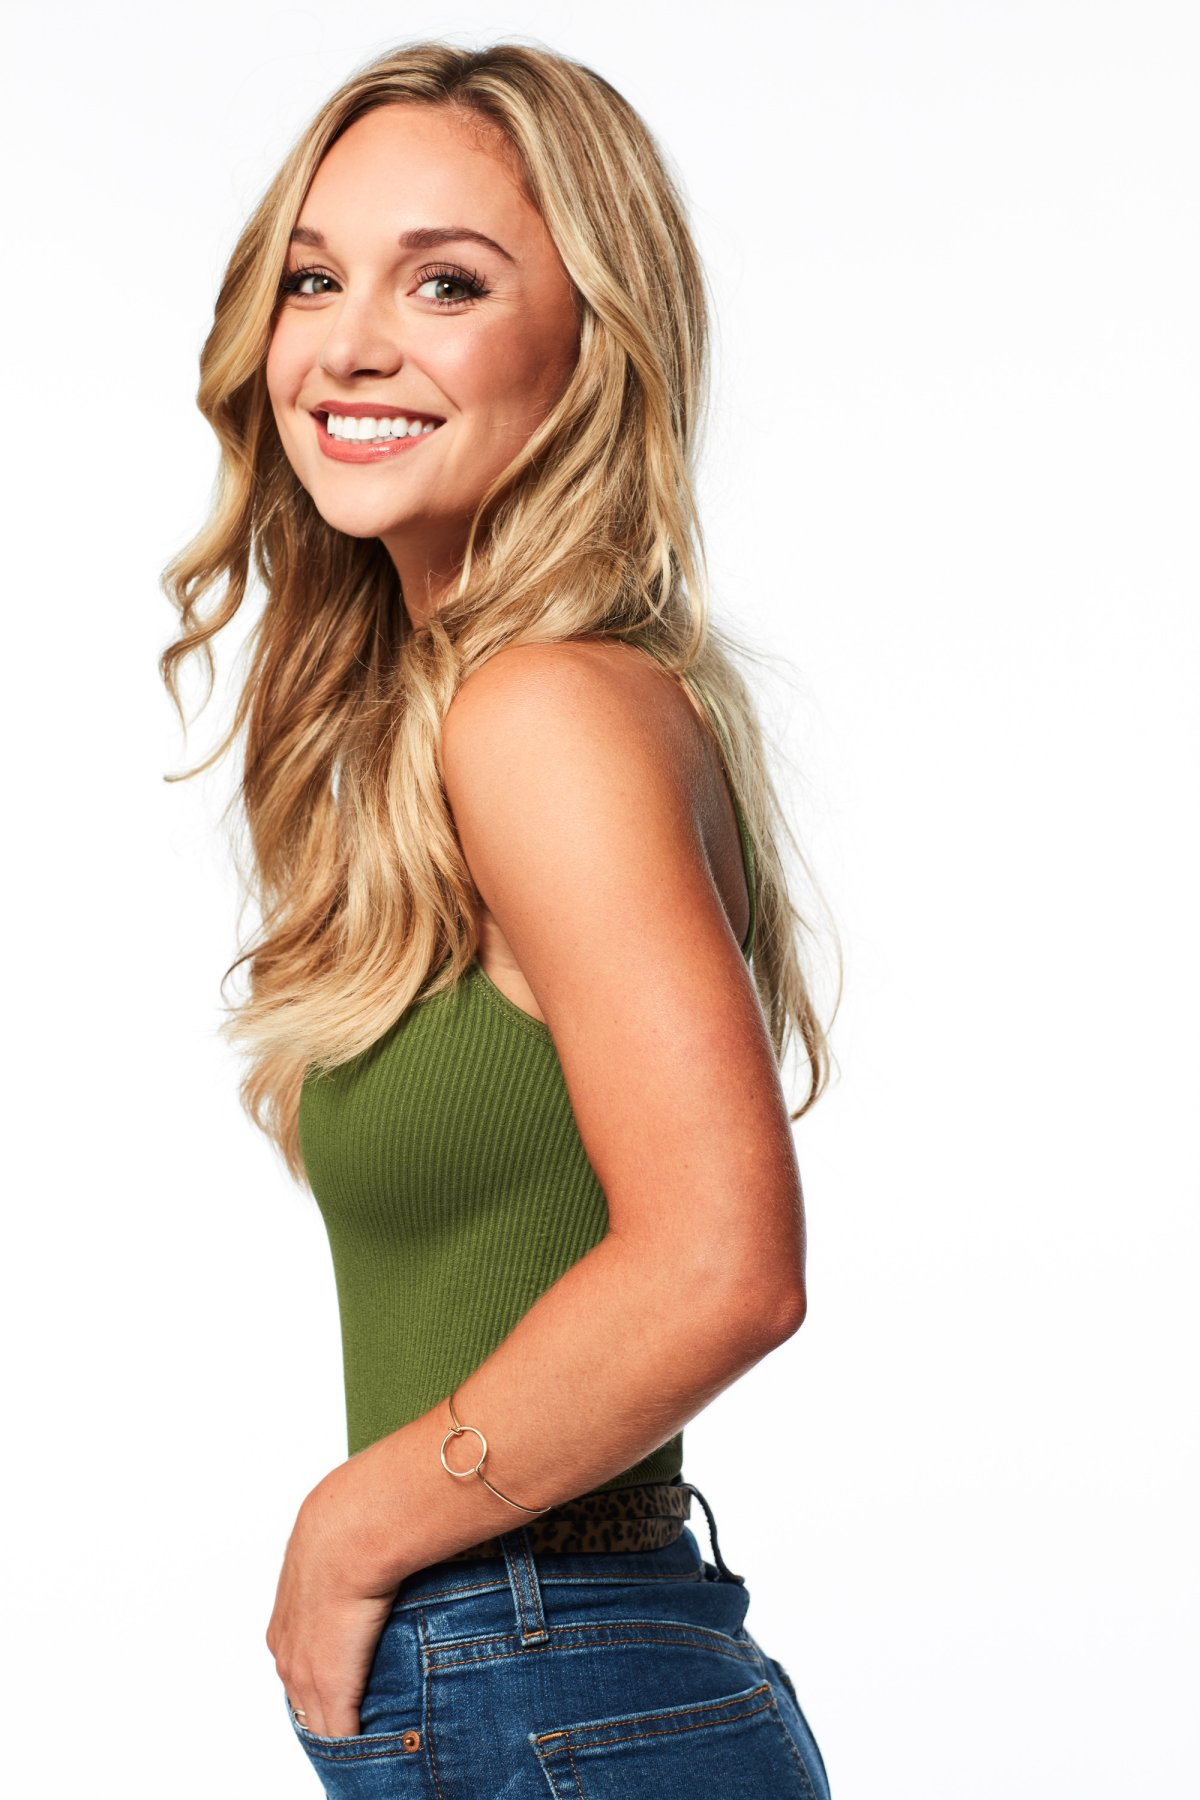 Sarah Coffin